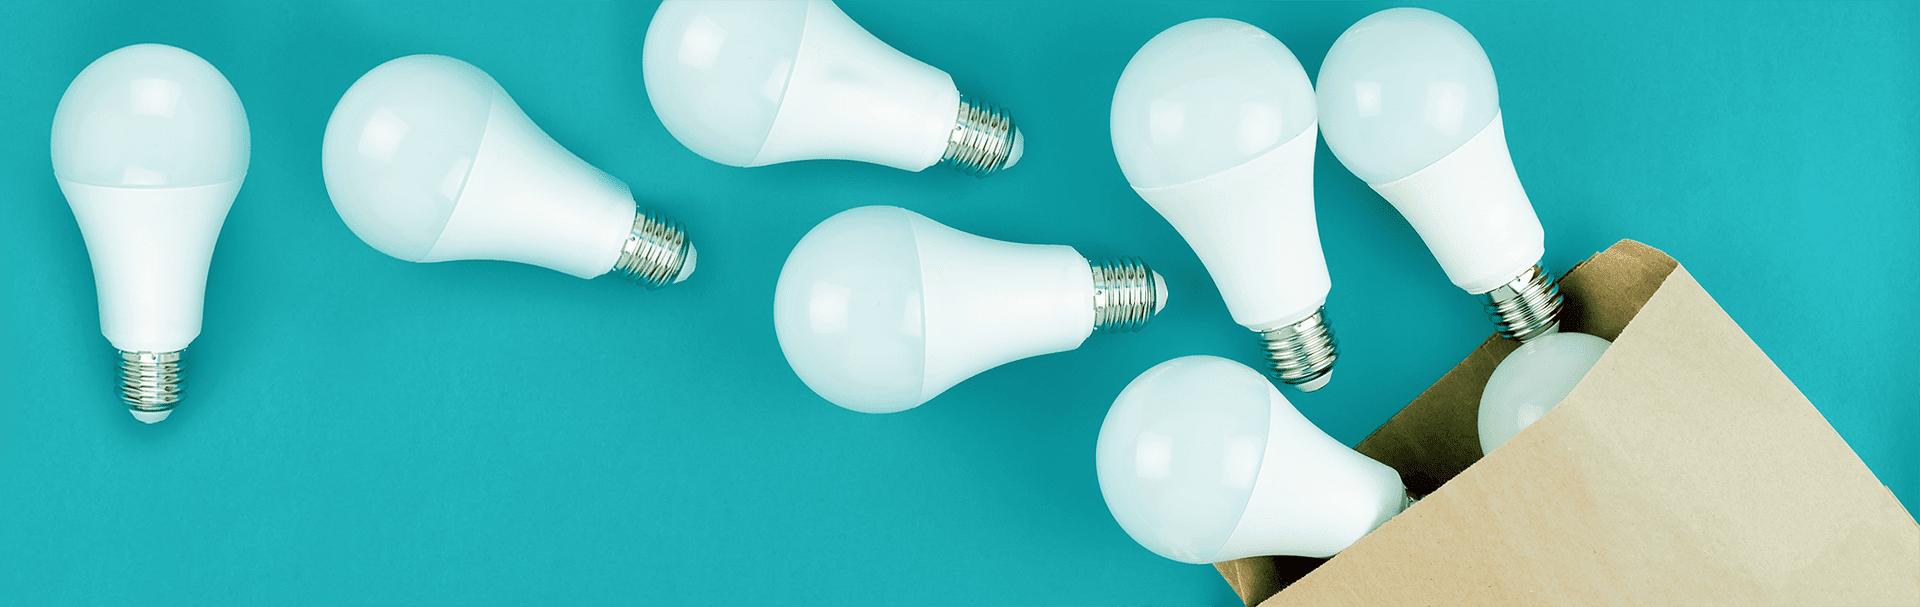 Achat groupé LED